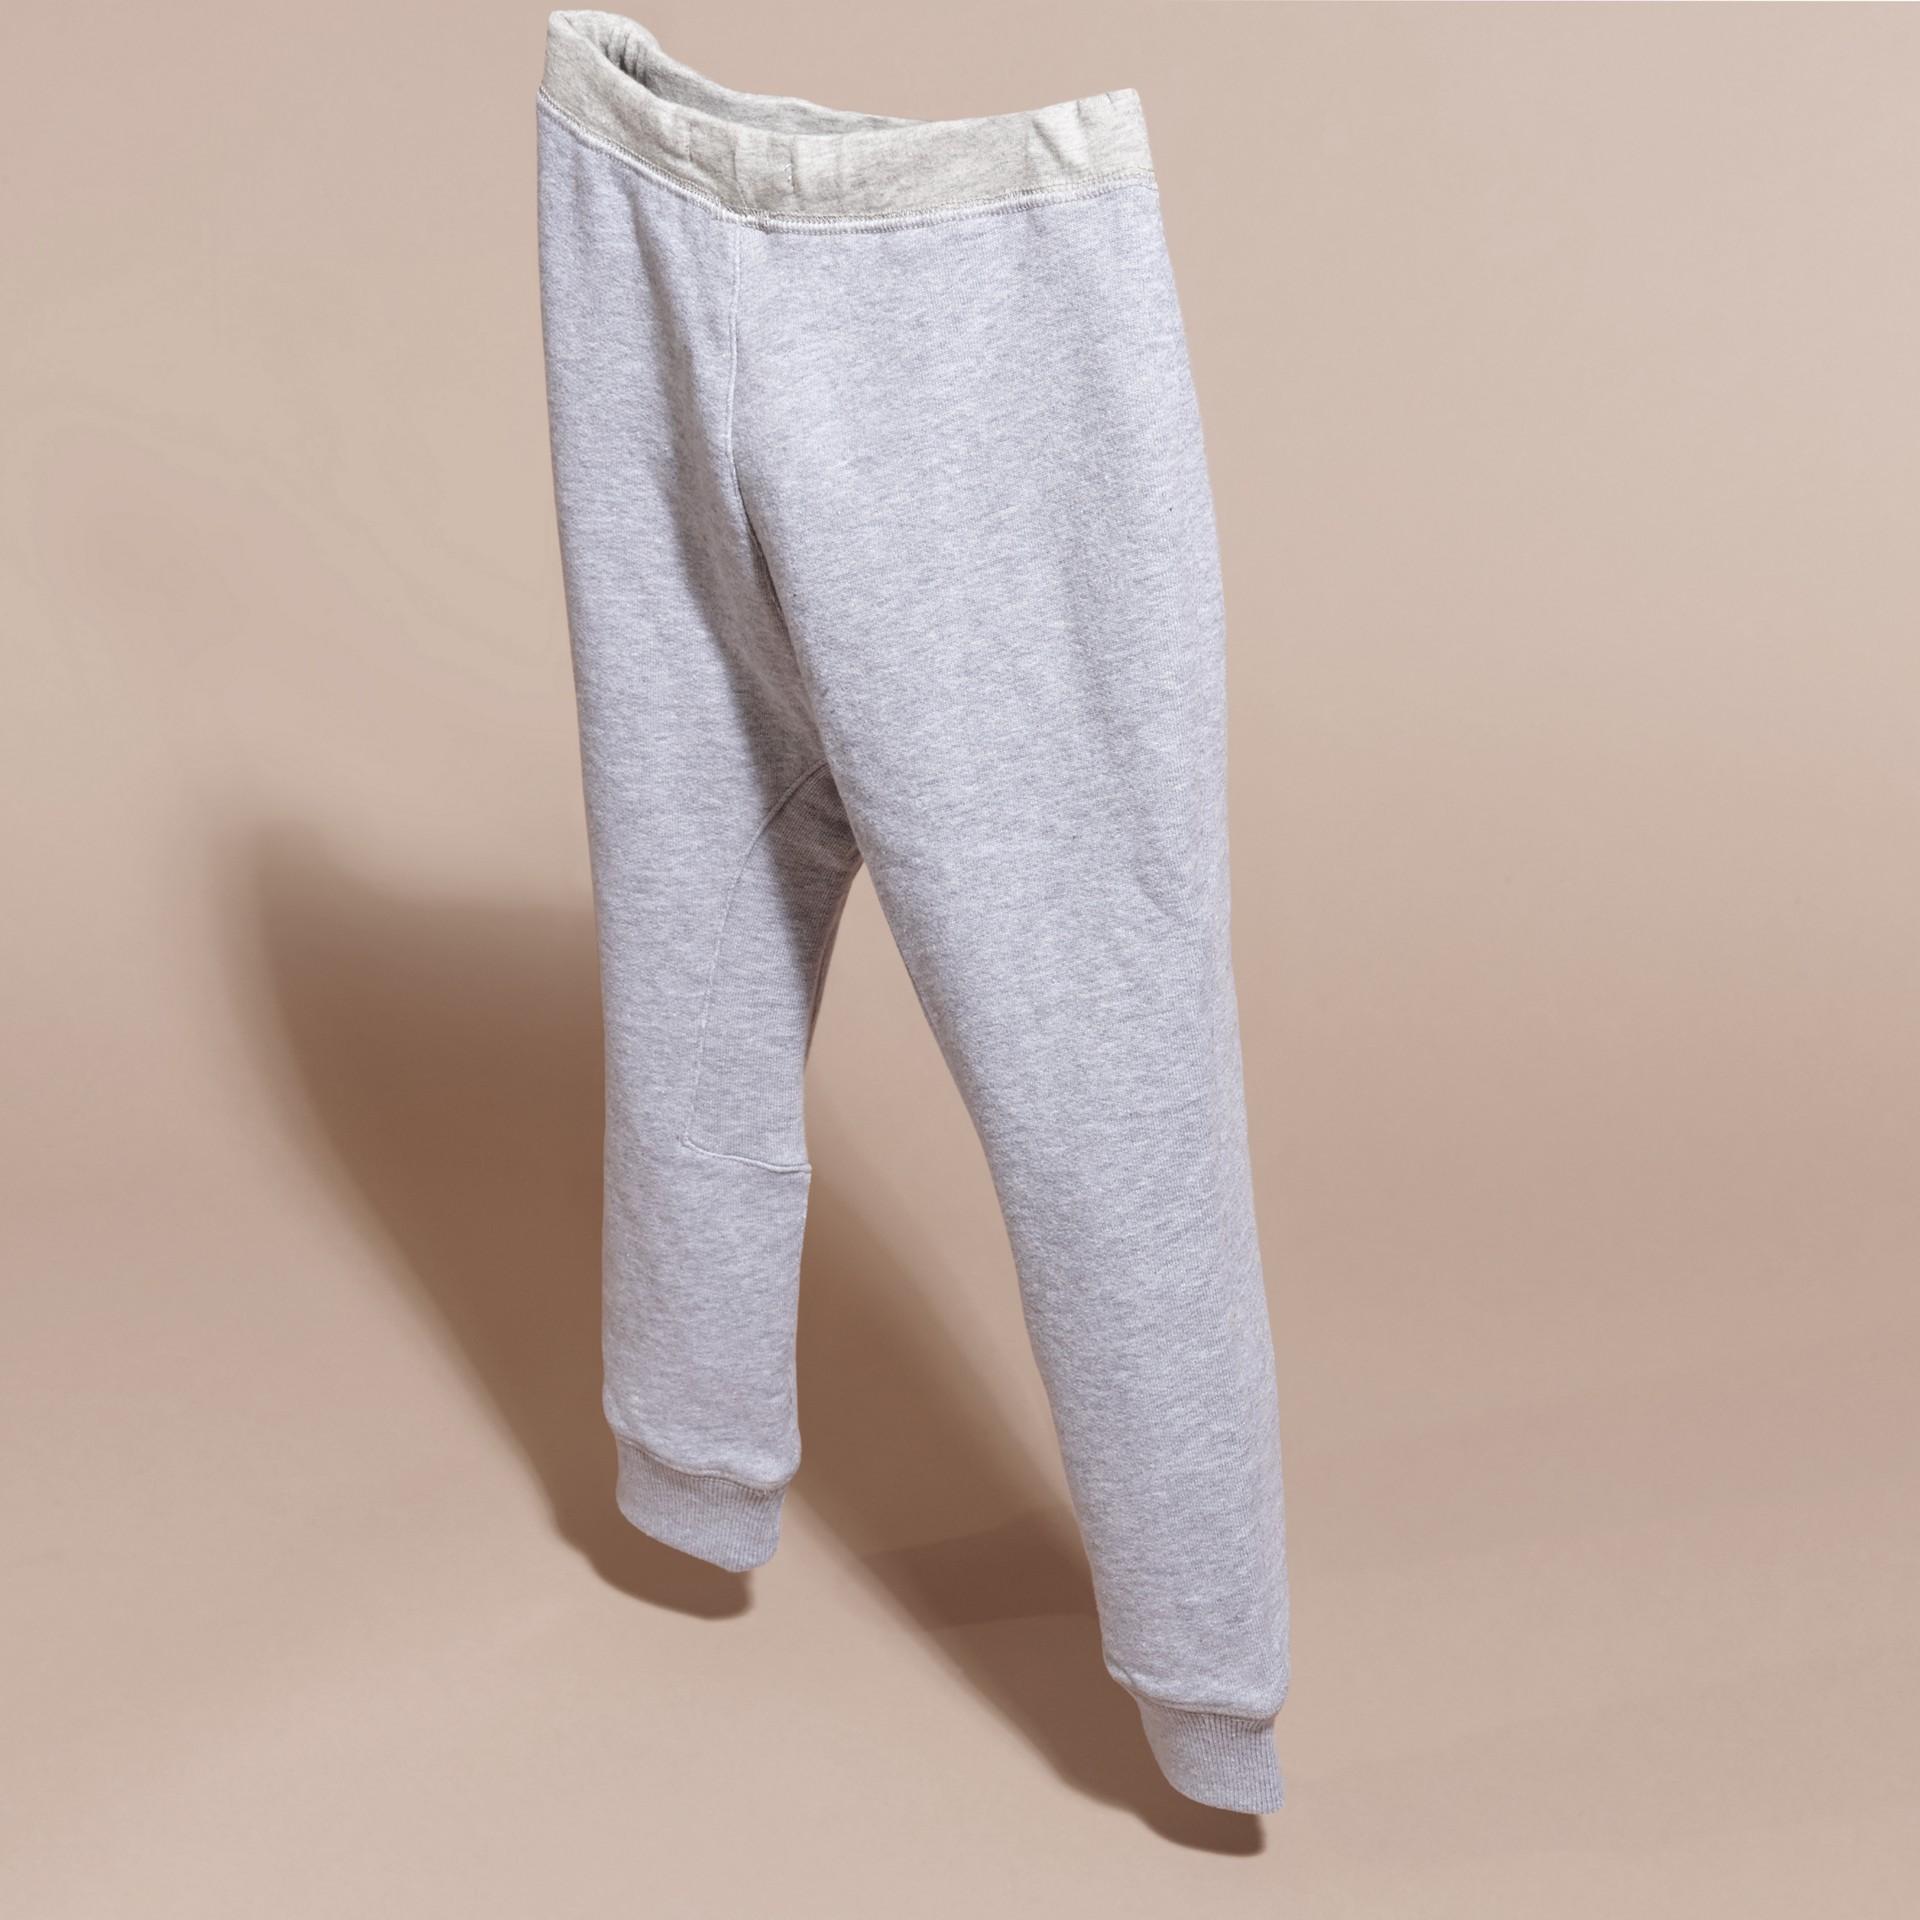 Grigio medio mélange Pantaloni tuta in cotone Grigio Medio Mélange - immagine della galleria 4